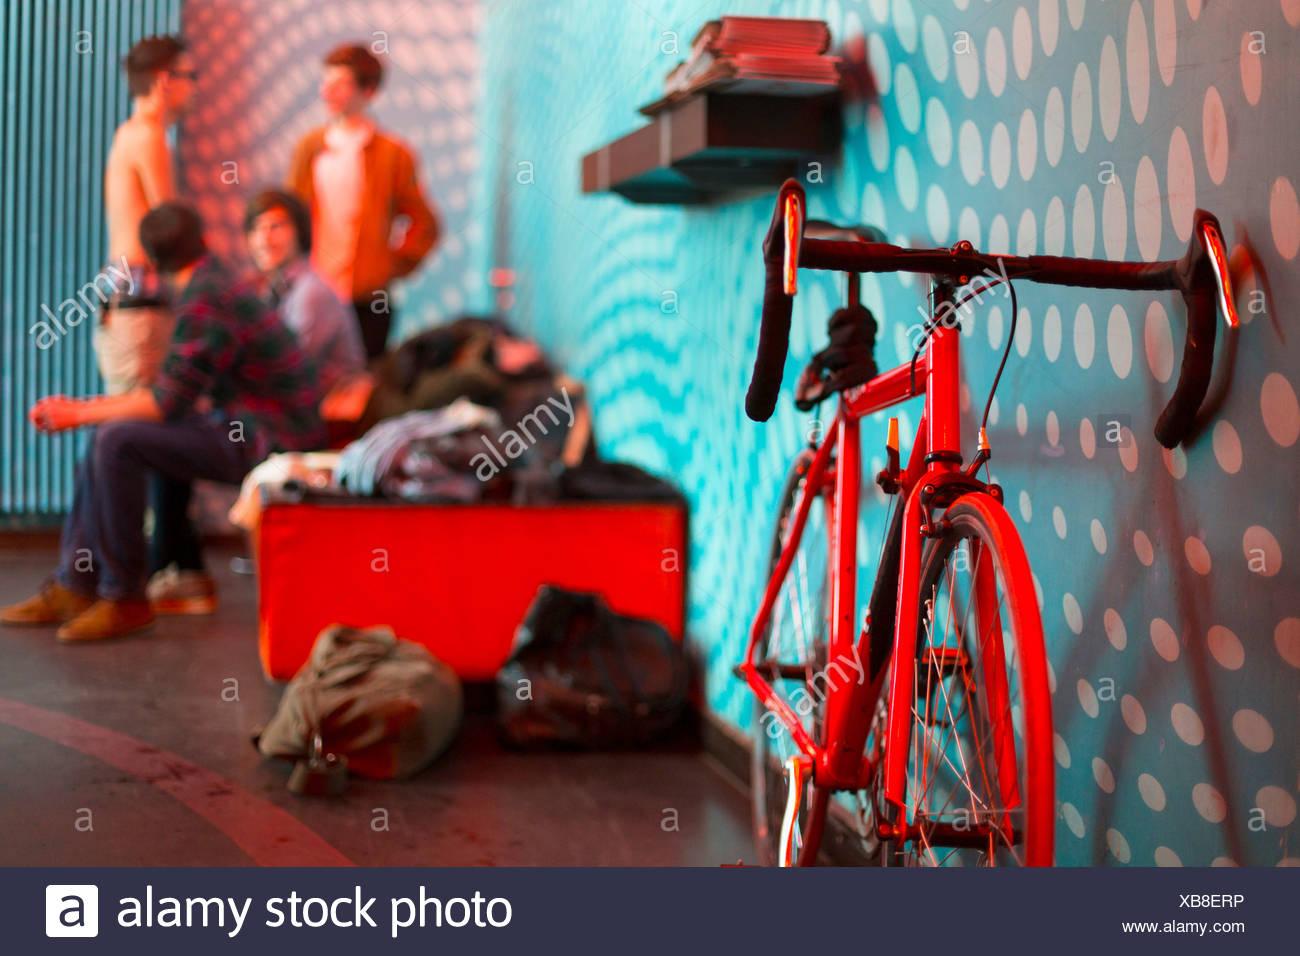 Fahrrad im Vordergrund, Gruppe von vier jungen im Teenageralter im Hintergrund Stockbild